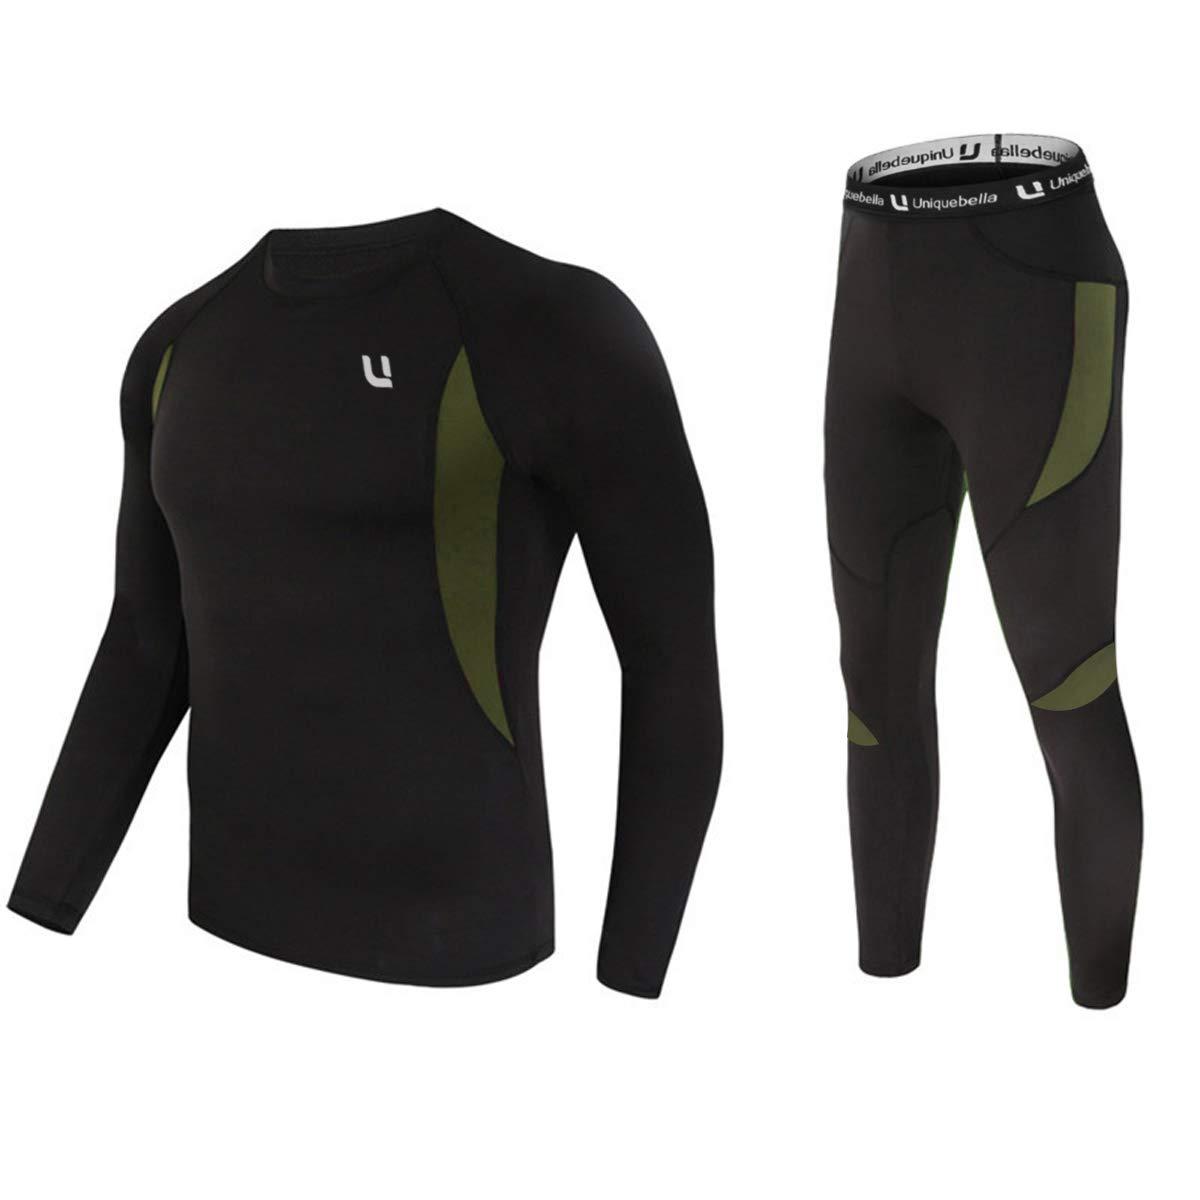 UNIQUEBELLA Thermounterwäsche Set, Funktionswäsche Herren Skiunterwäsche Winter Suit Ski Thermo-Unterwäsche Thermowäsche Unterhemd + Unterhose